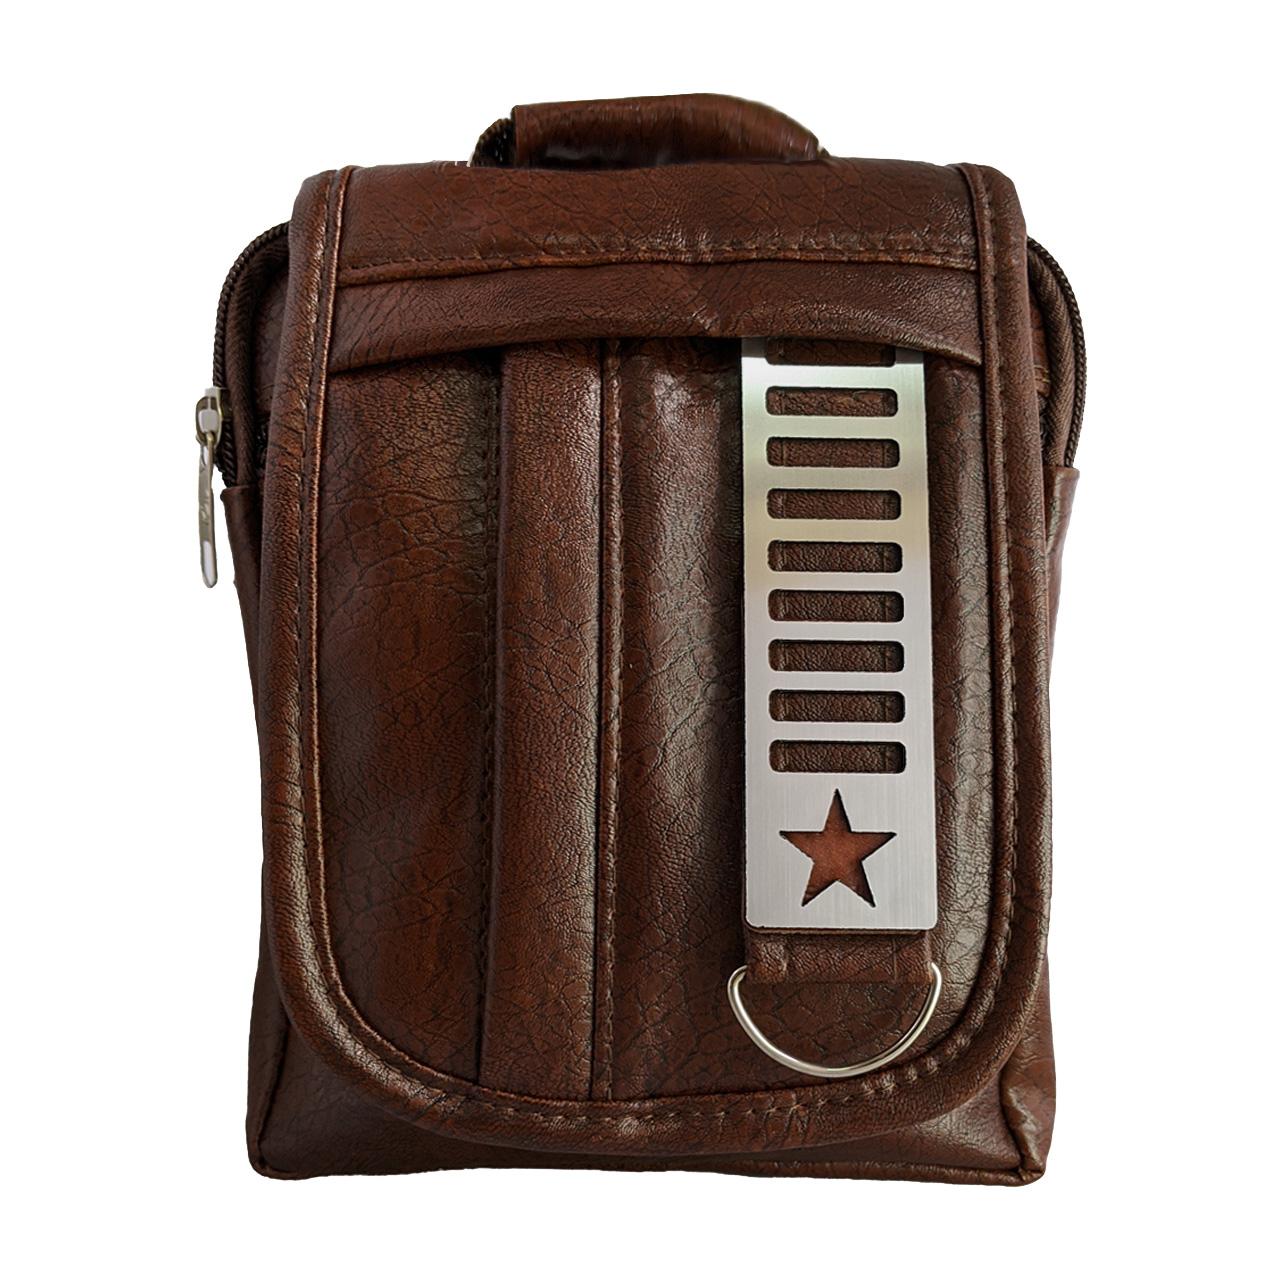 کیف رودوشی مدل Star02 کد AKIF02